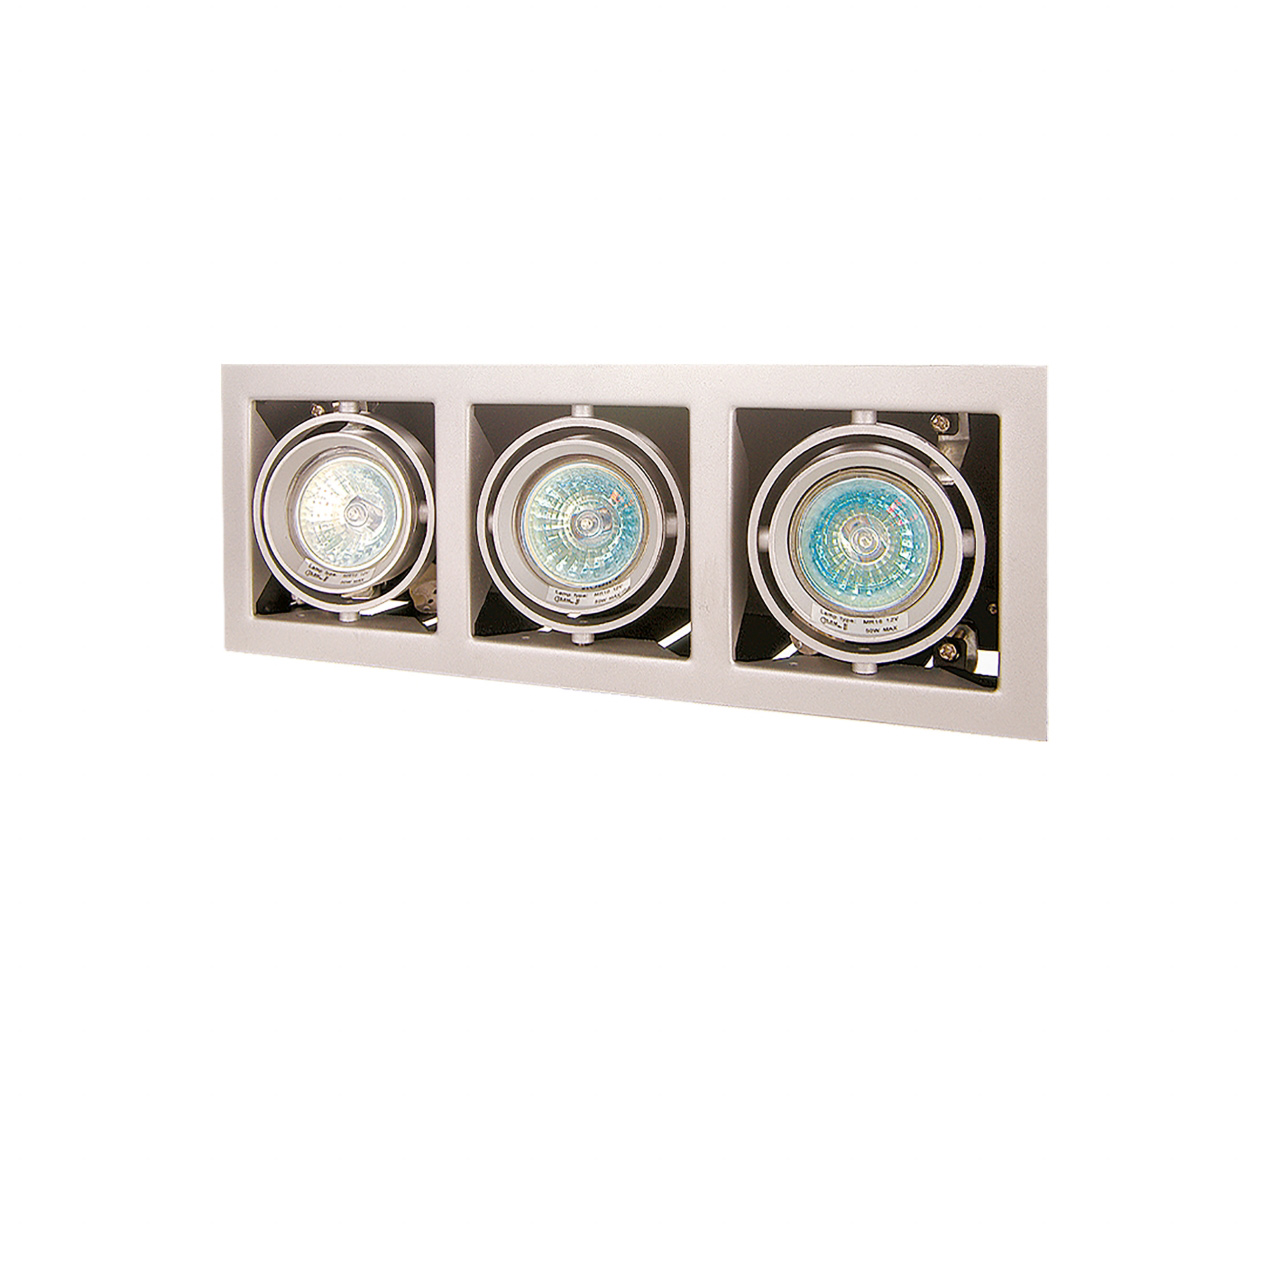 Светильник Cardano 16Х3 MR16 / HP16 титан Lightstar 214037